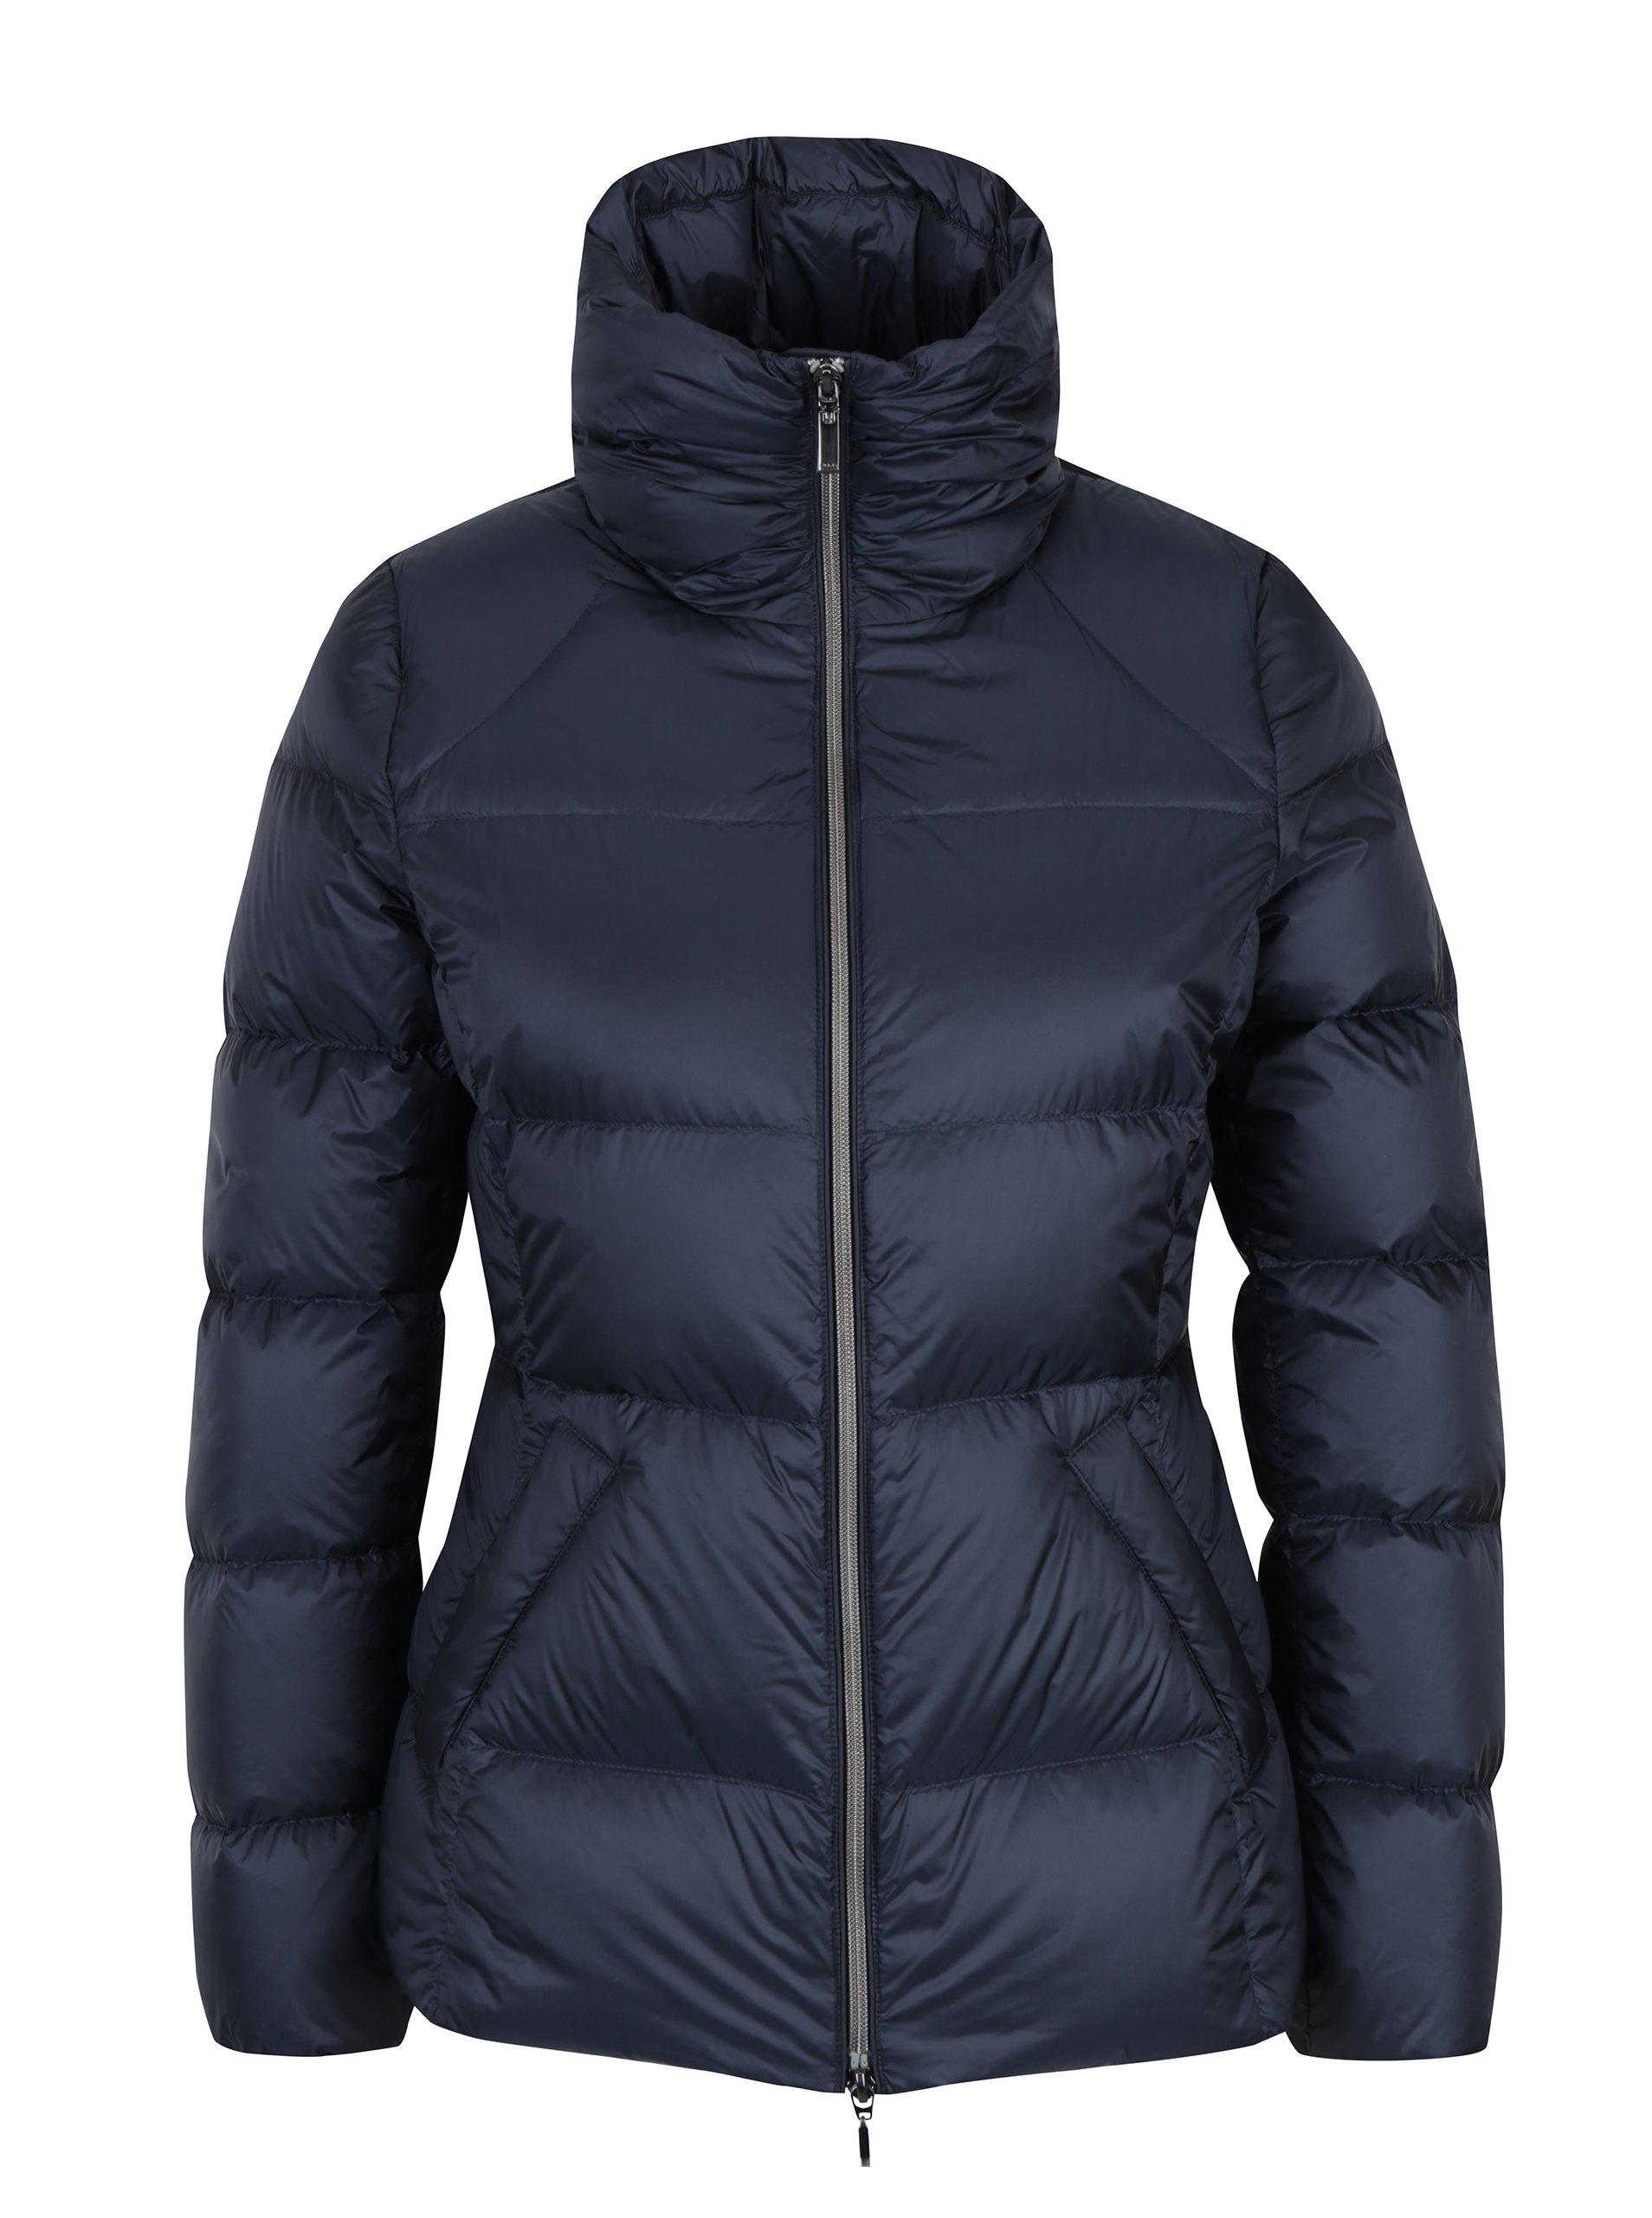 Tmavě modrá dámská prošívaná péřová bunda Geox